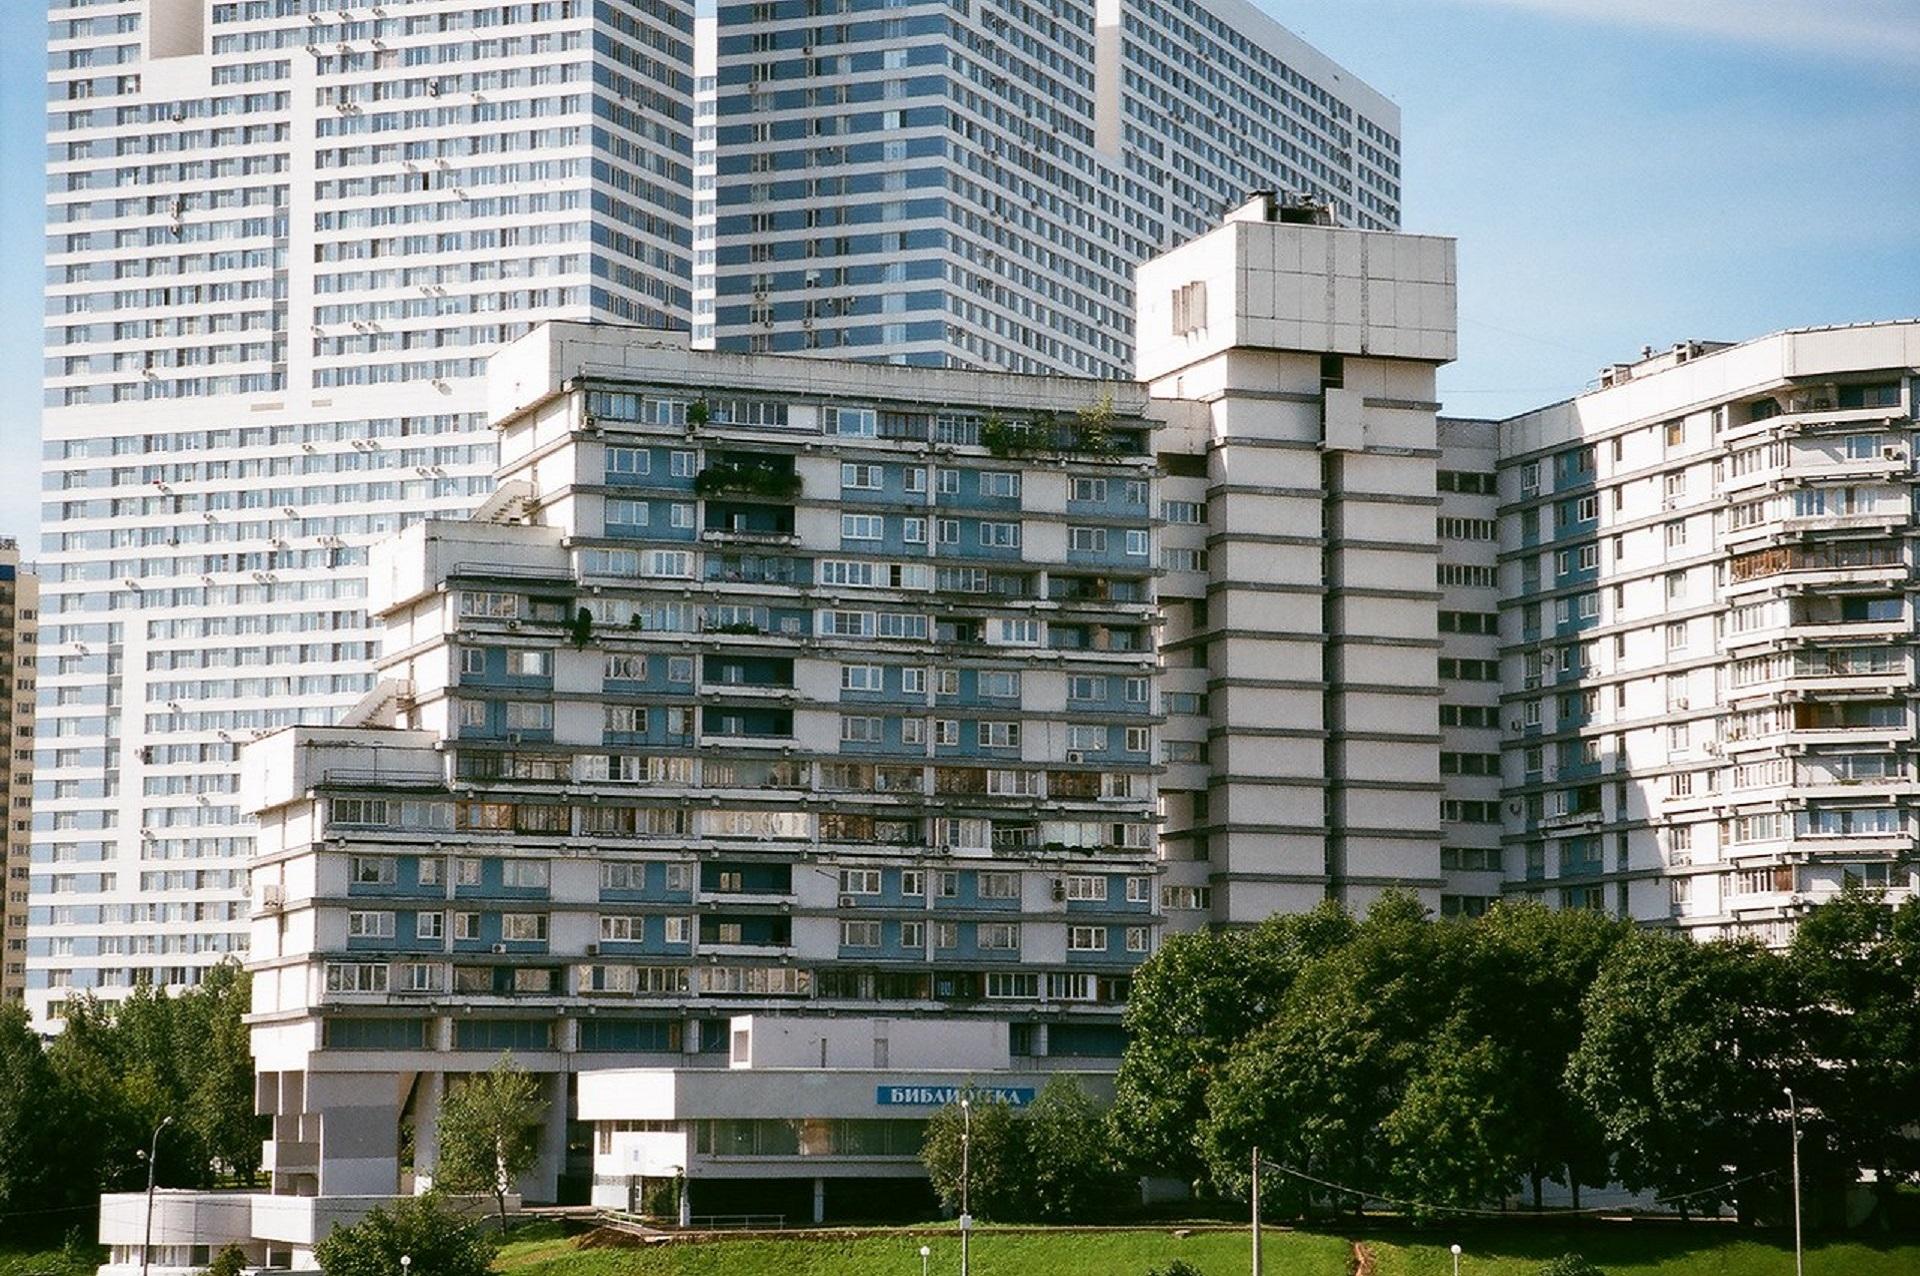 Где купить квартиру? Лучшие школы по районам и округам Москвы 2020. ЧАСТЬ 4 (ЮАО)